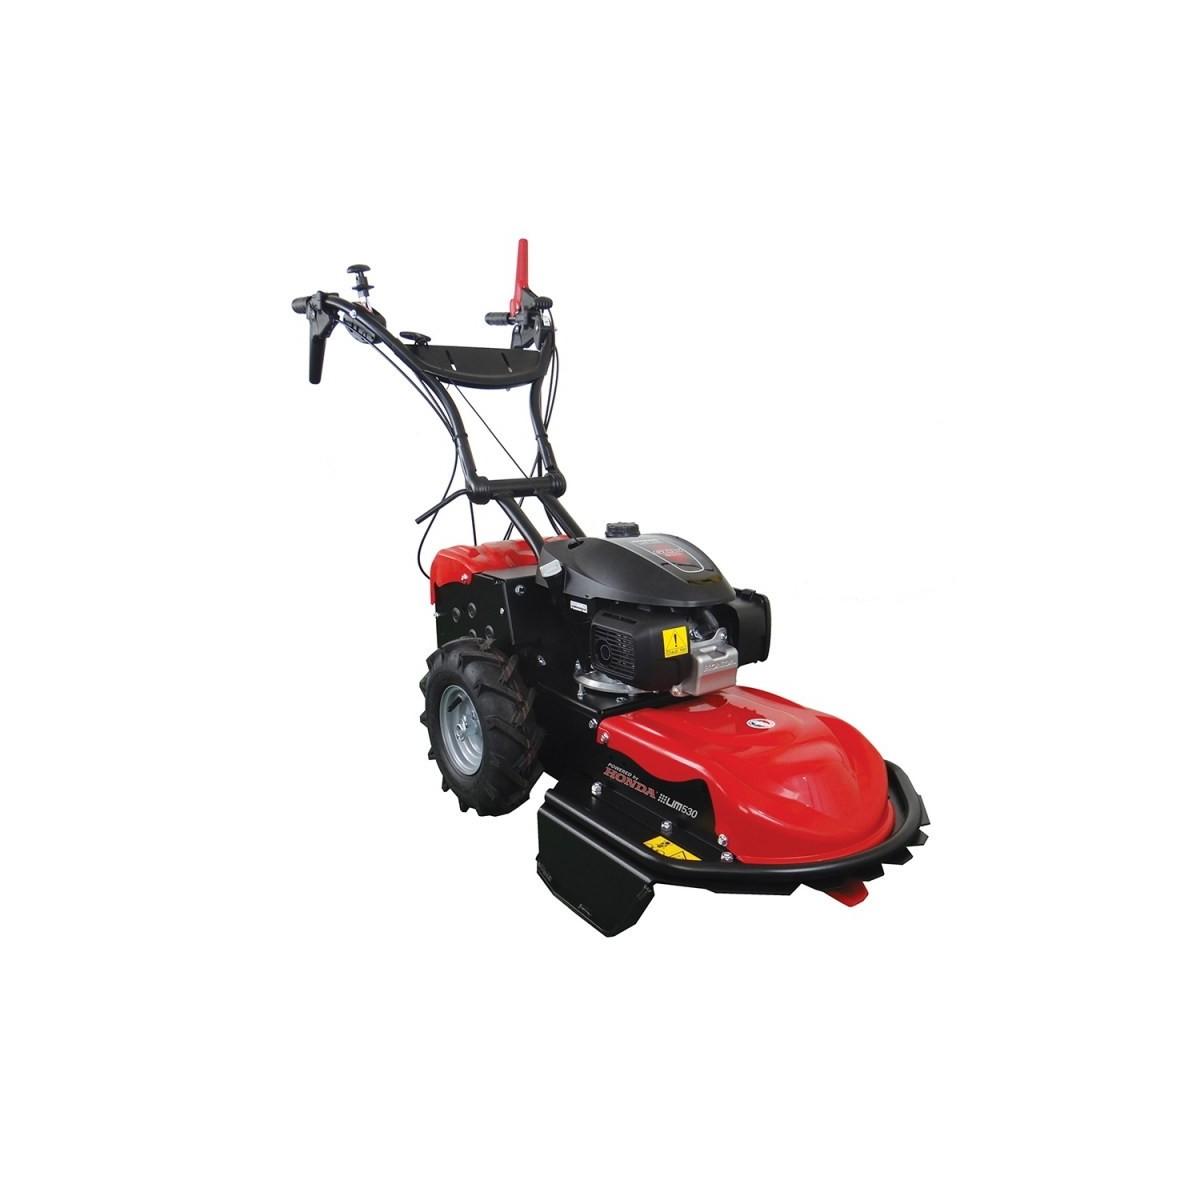 Honda desbrozadora de ruedas um530 autoprop. ancho 51cm